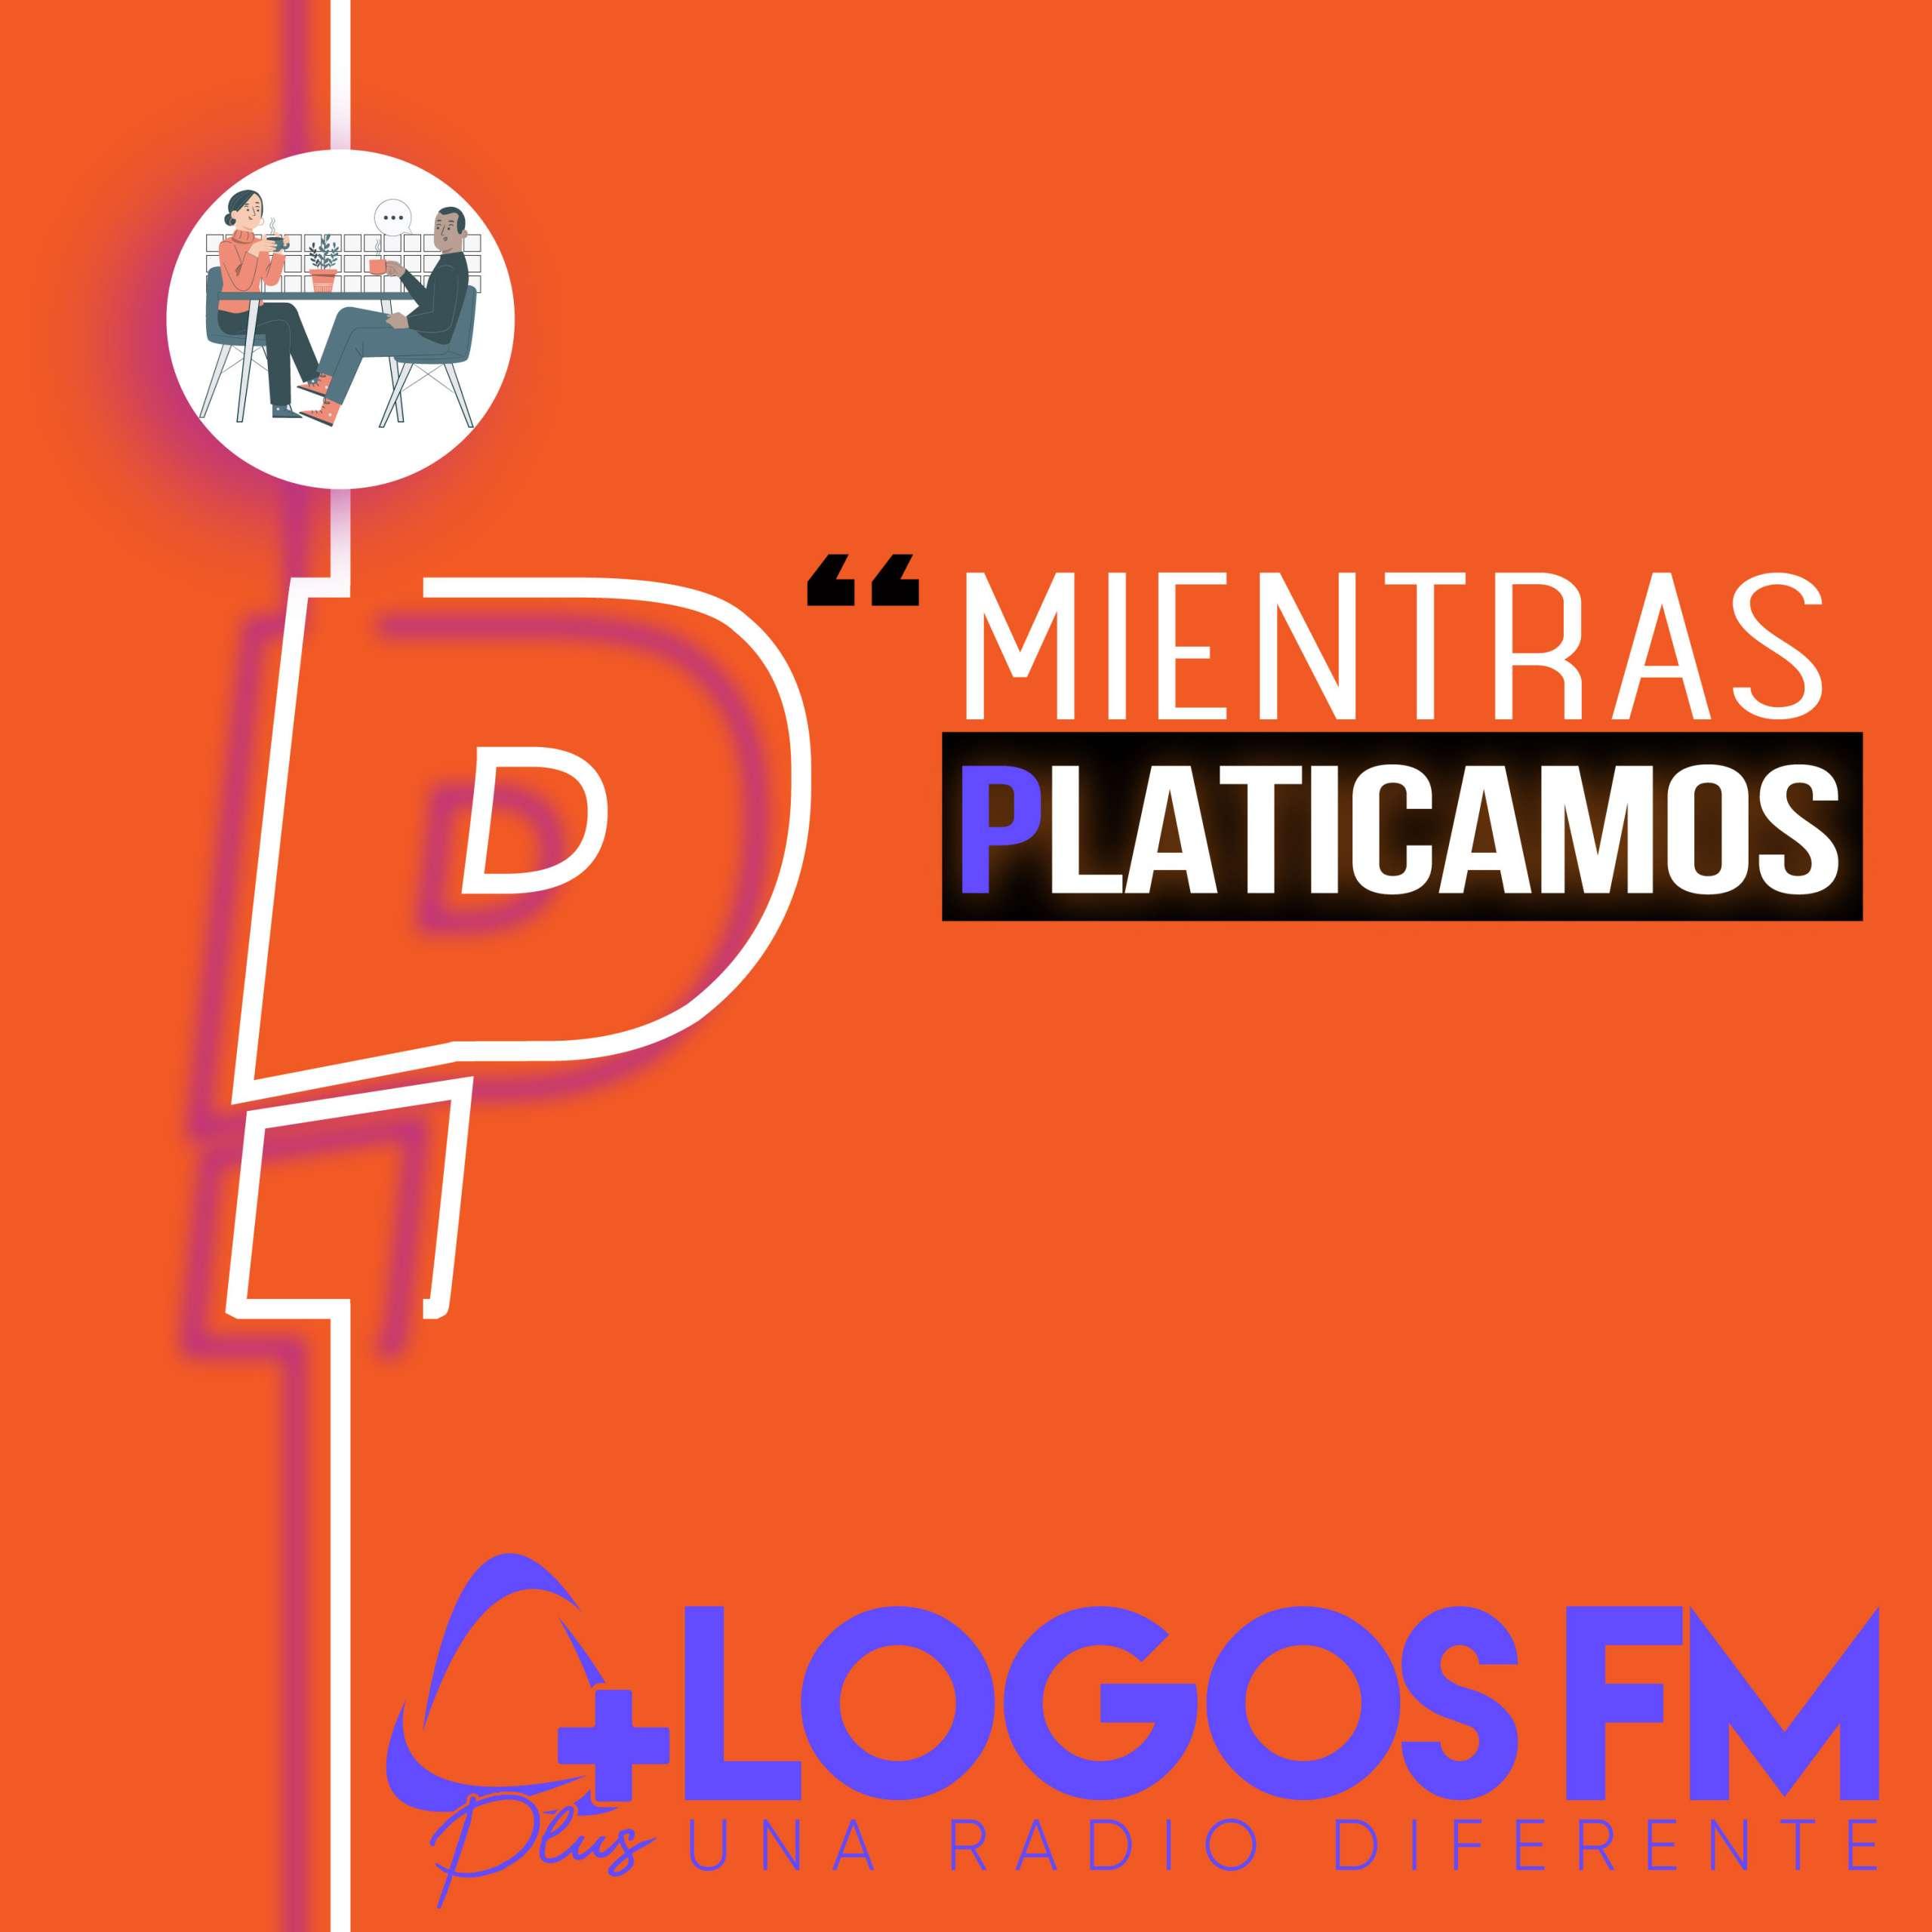 Logos Fm 104.9